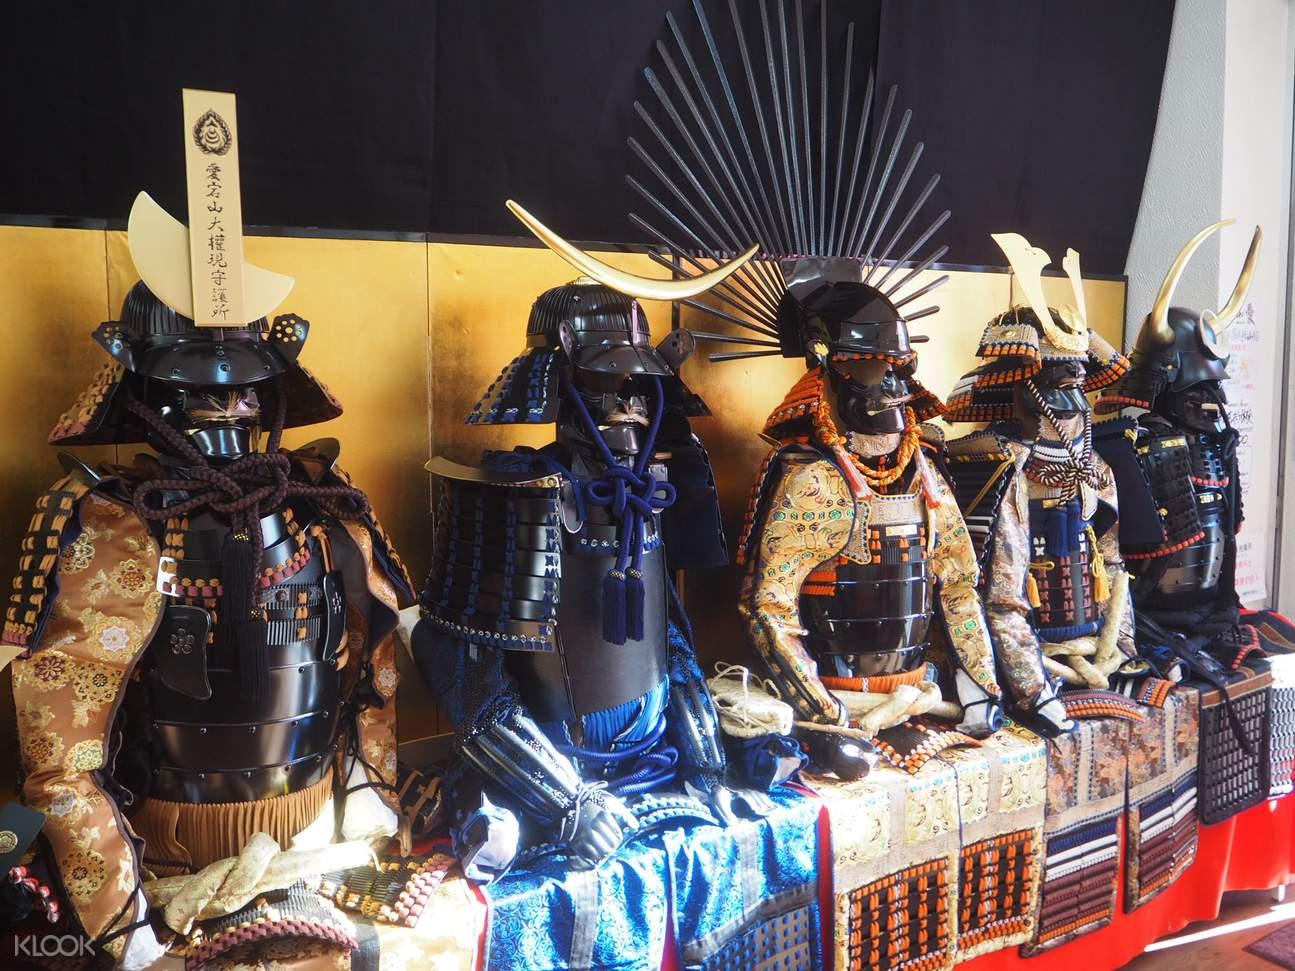 Tokyo Samurai Armor Experience